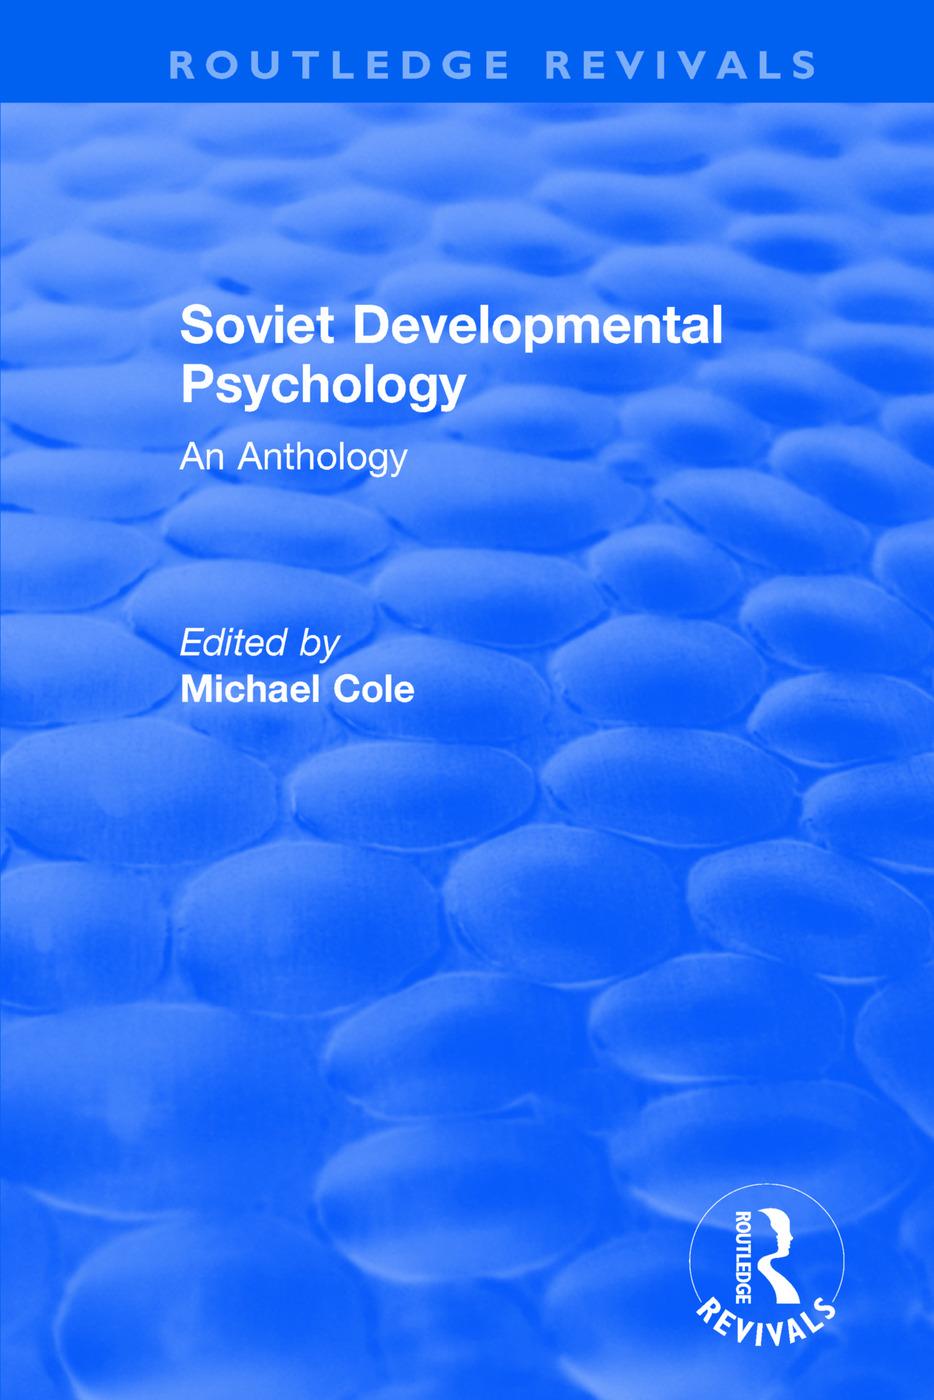 Revival: Soviet Developmental Psychology: An Anthology (1977)